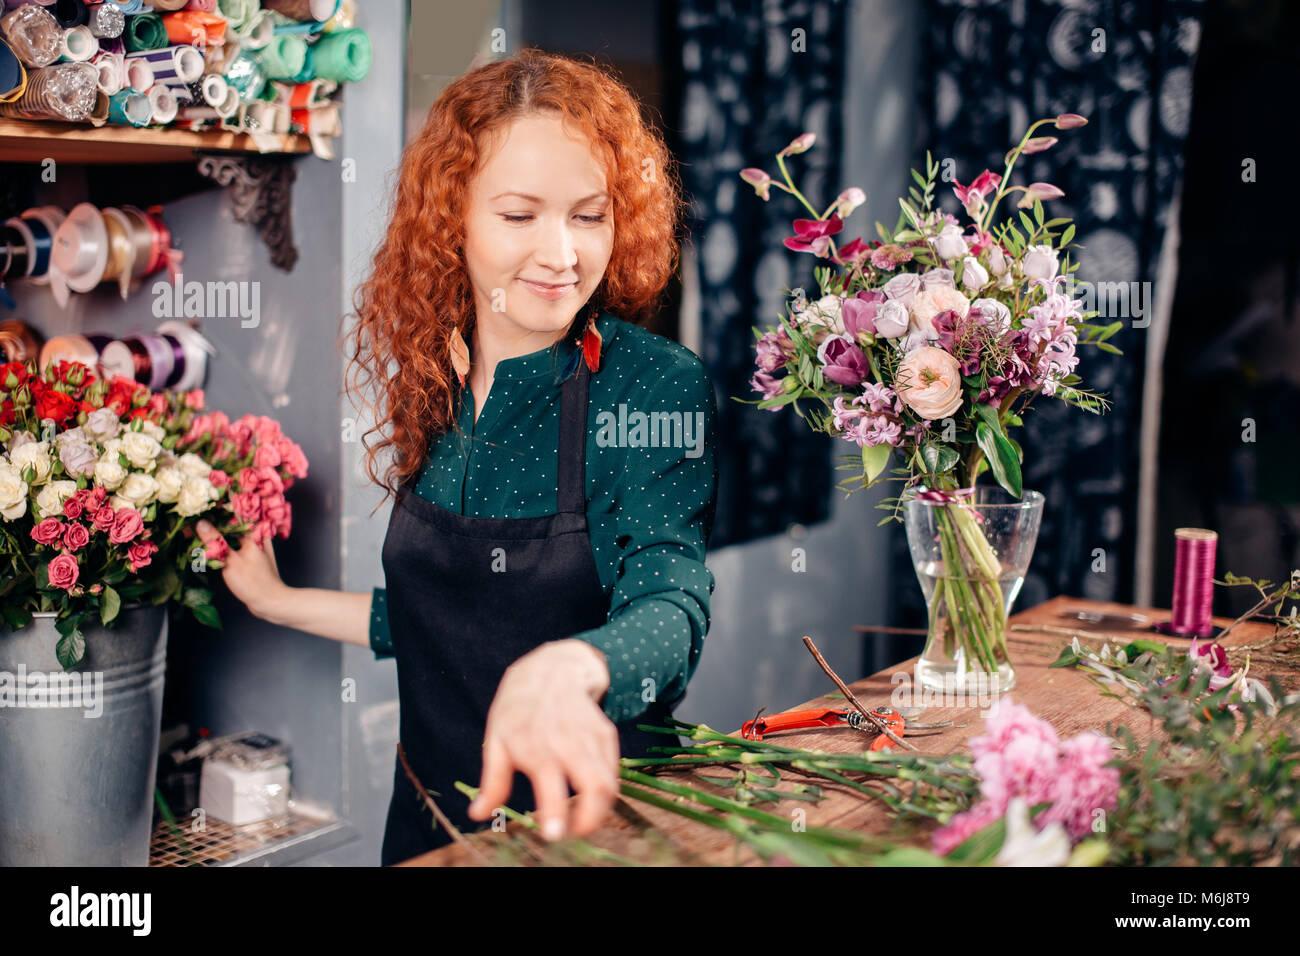 Aperçu de belles fleurs floral bouquet de comptage assistant Photo Stock